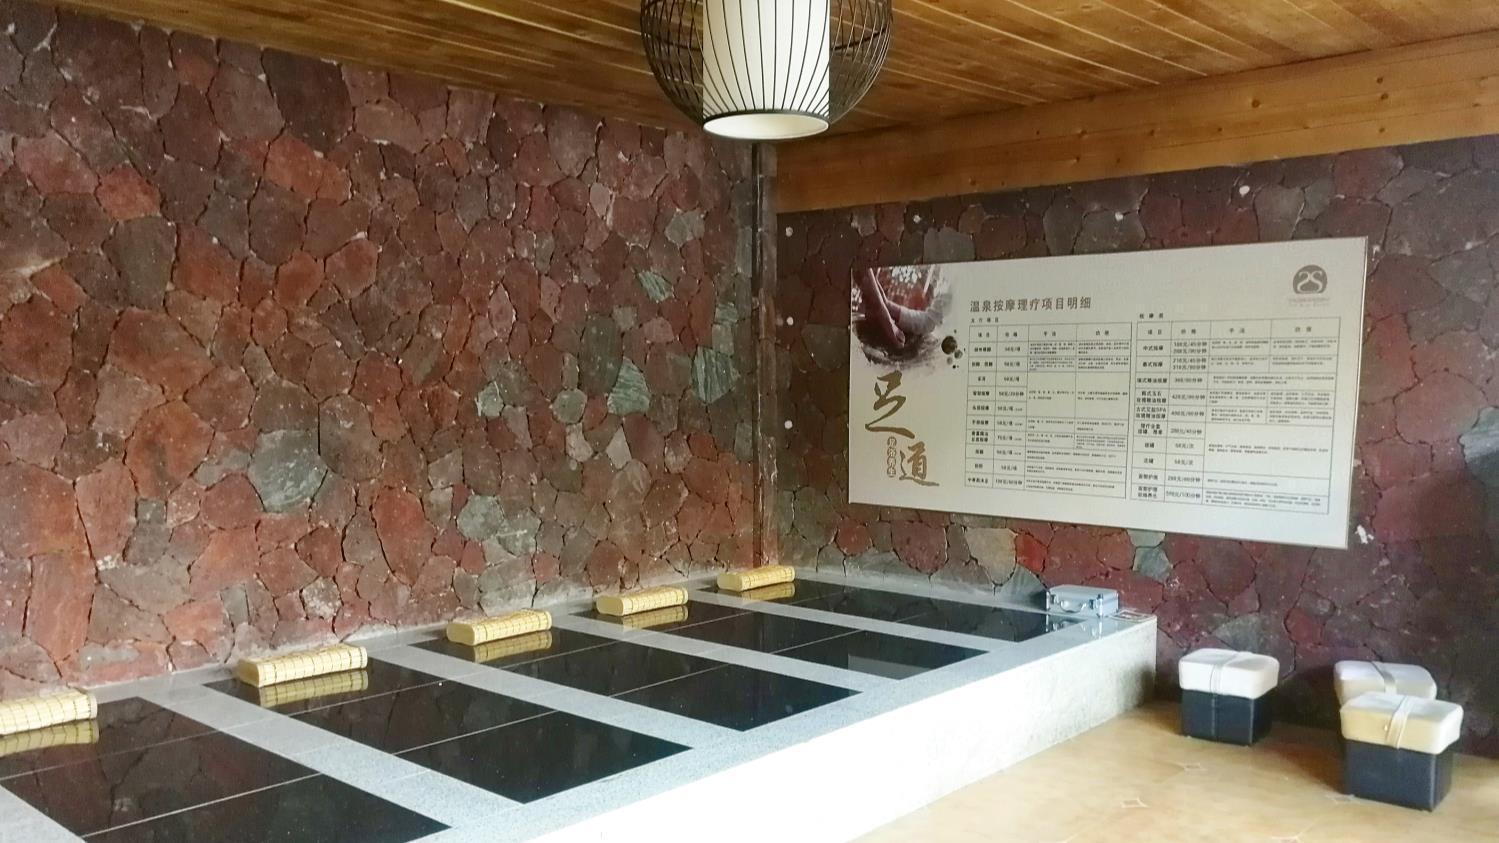 【广州】【国庆专场】森林艺术,从化卓思道温泉国庆豪华客房仅1588元起。无需远行尽享最纯洁的星空!